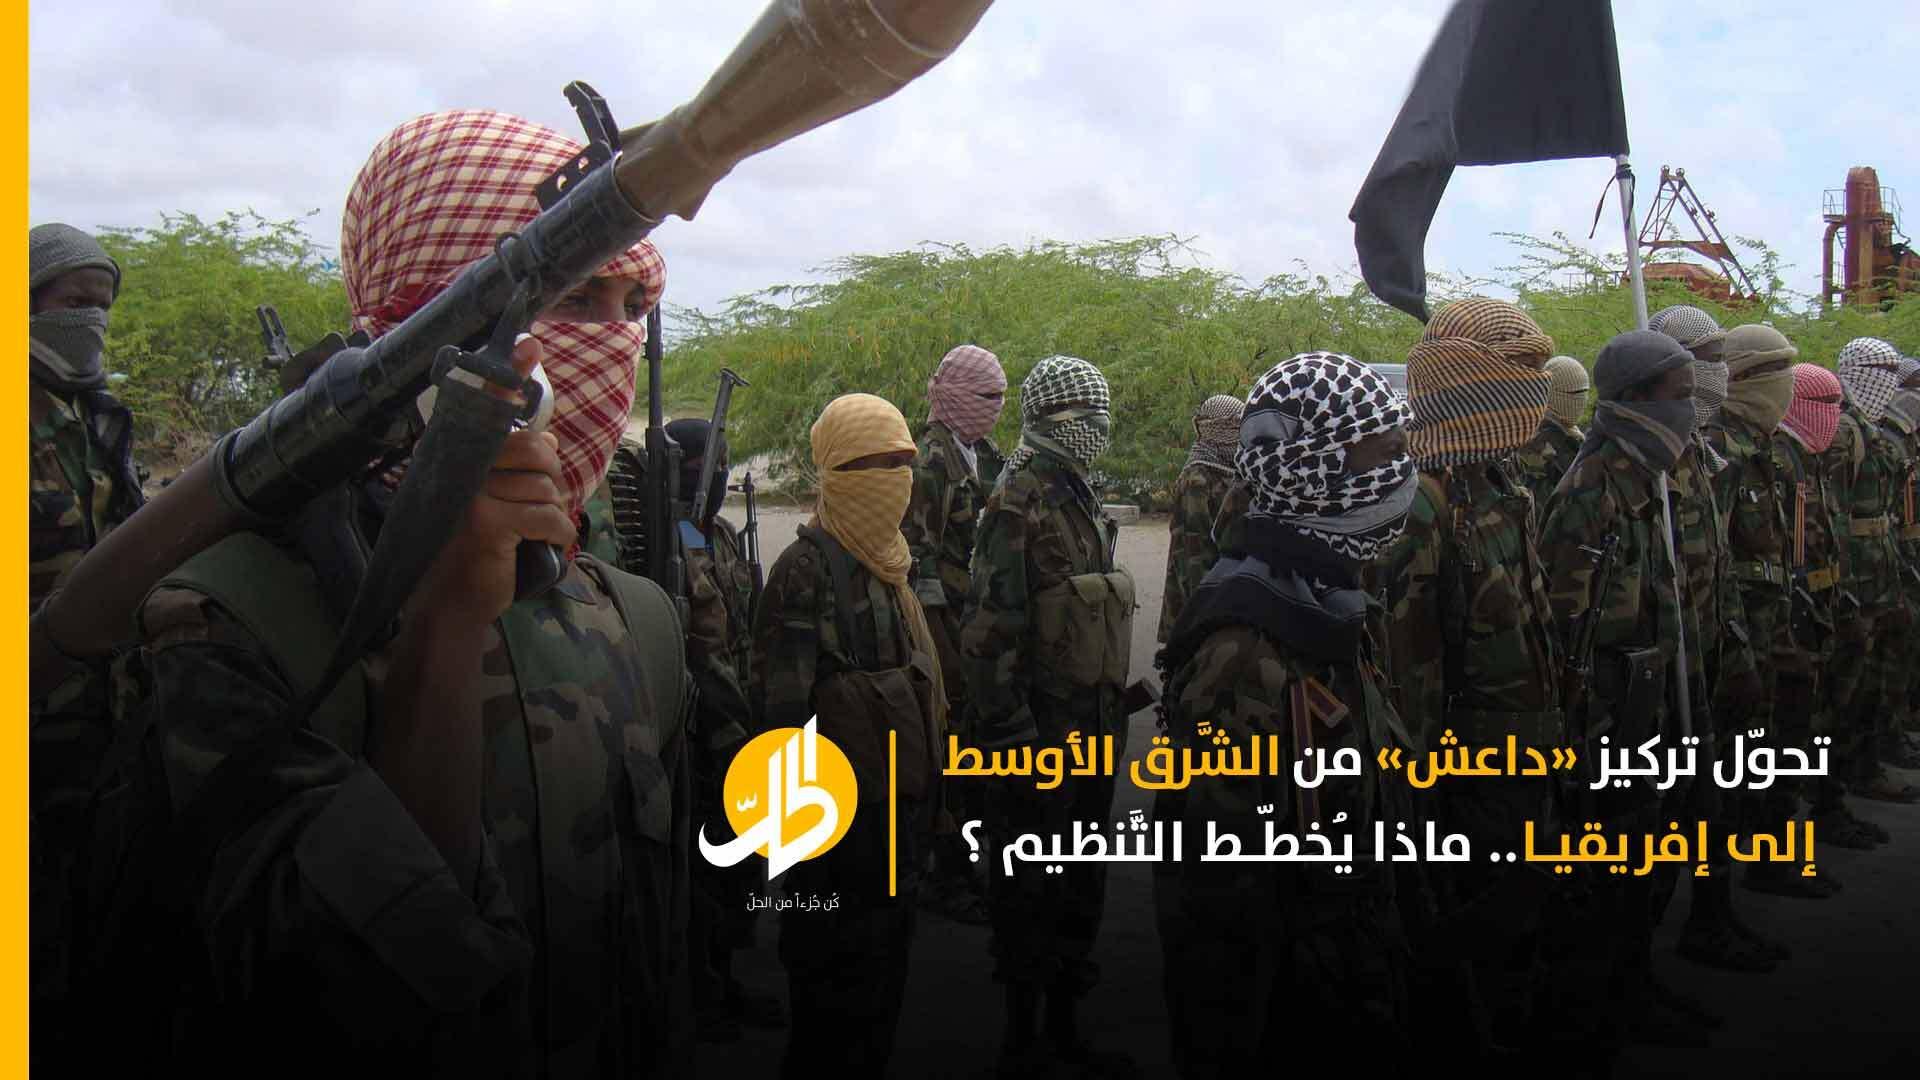 """بَعد هجوم """"بالما"""" المُميت.. «داعش» في الواجهة مُجدّداً وحَقائقُ حَول ارتباطه مع مُتطرّفي """"موزمبيق"""" وأنحاء إفريقيا"""